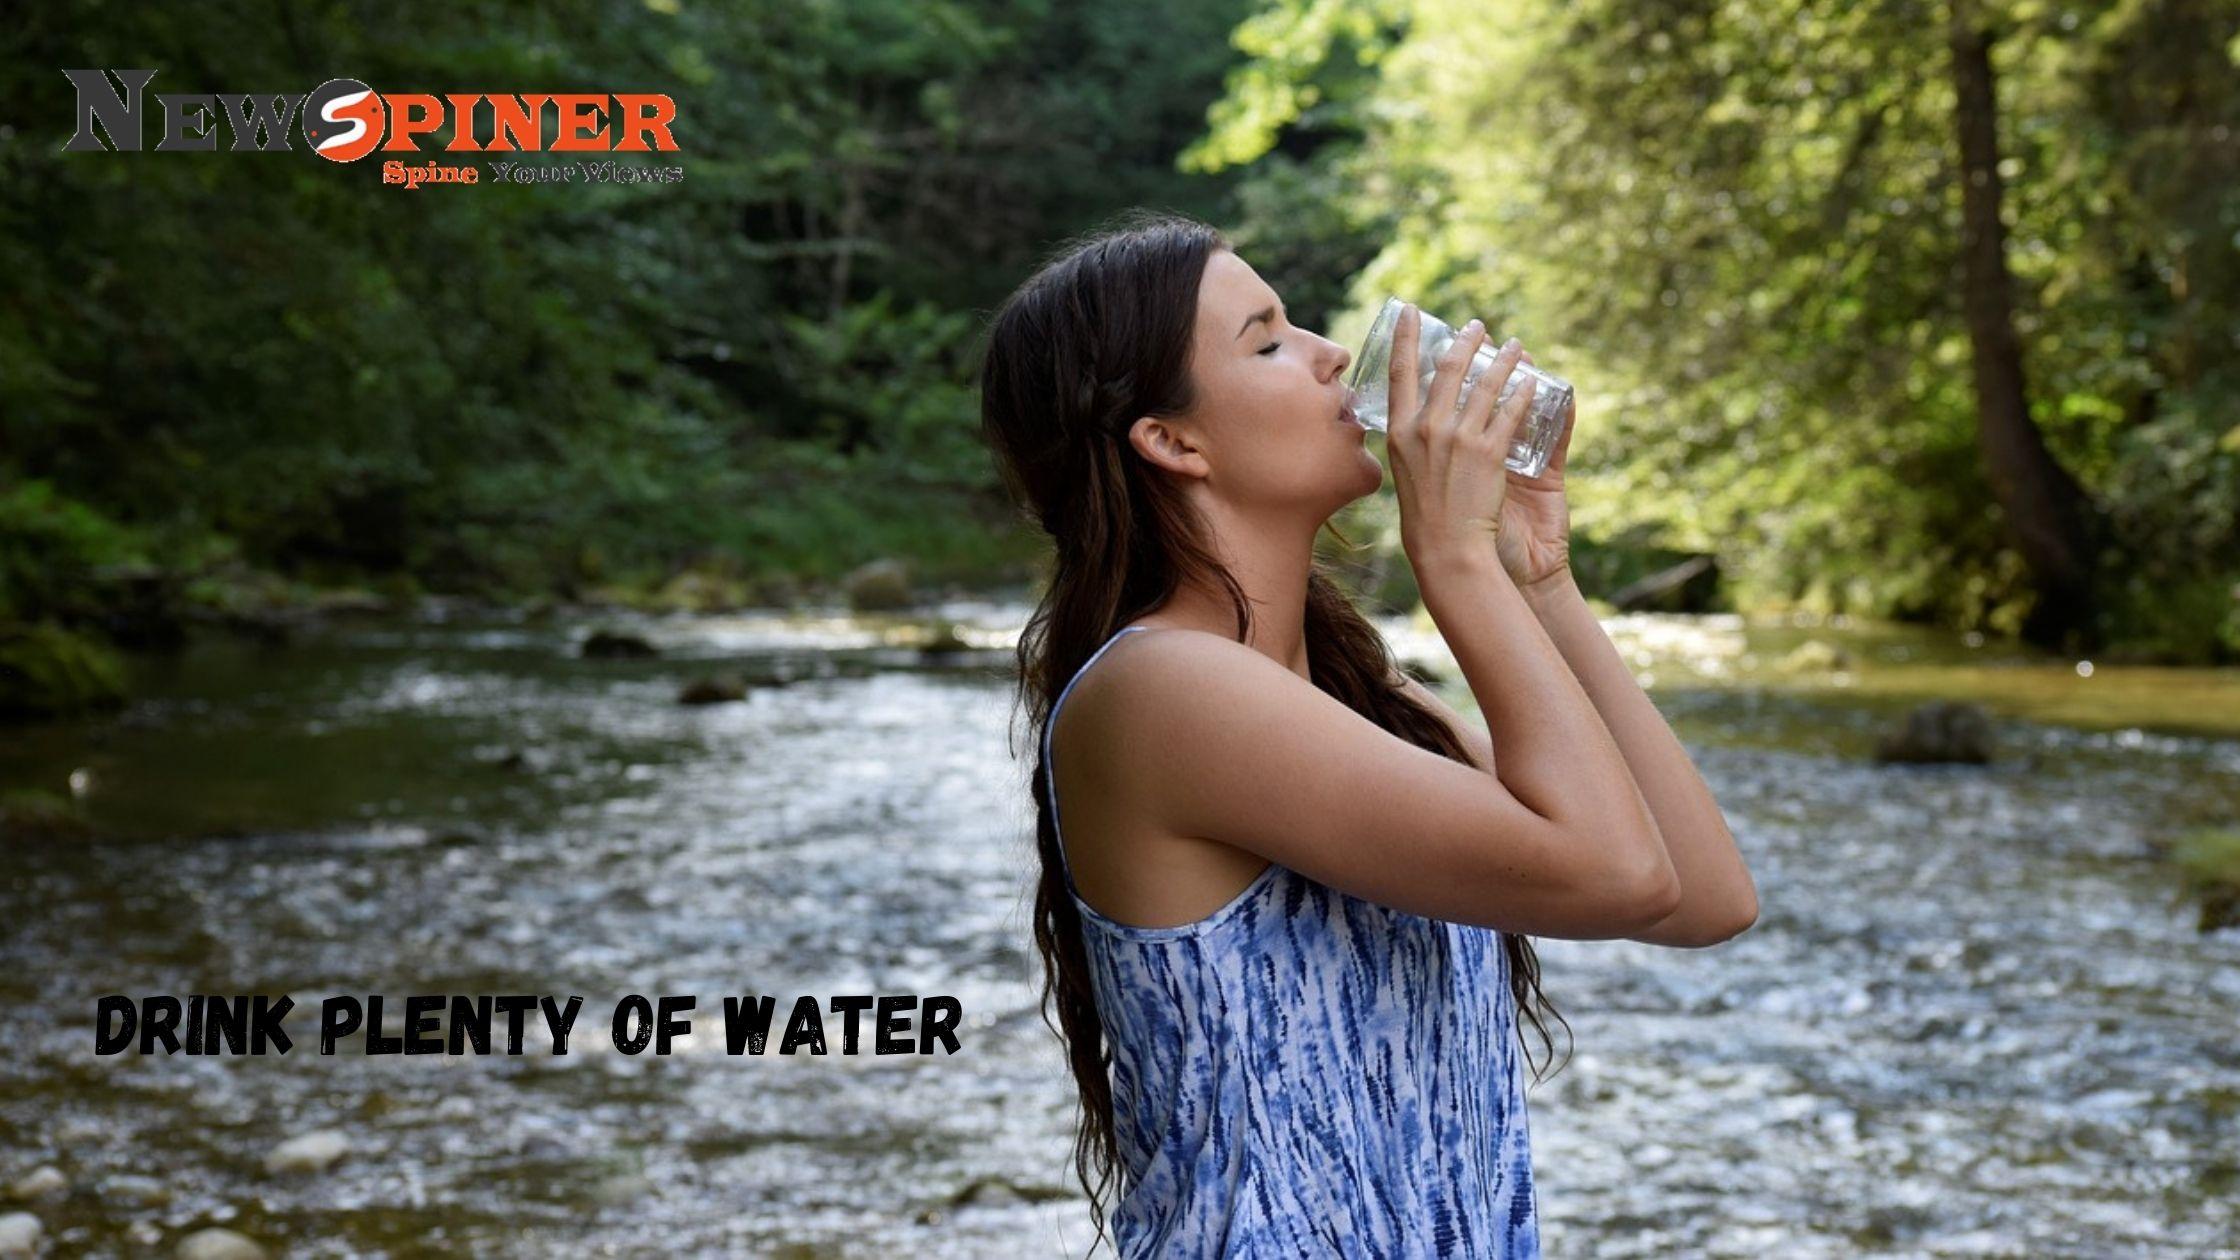 Consume Plenty of Water